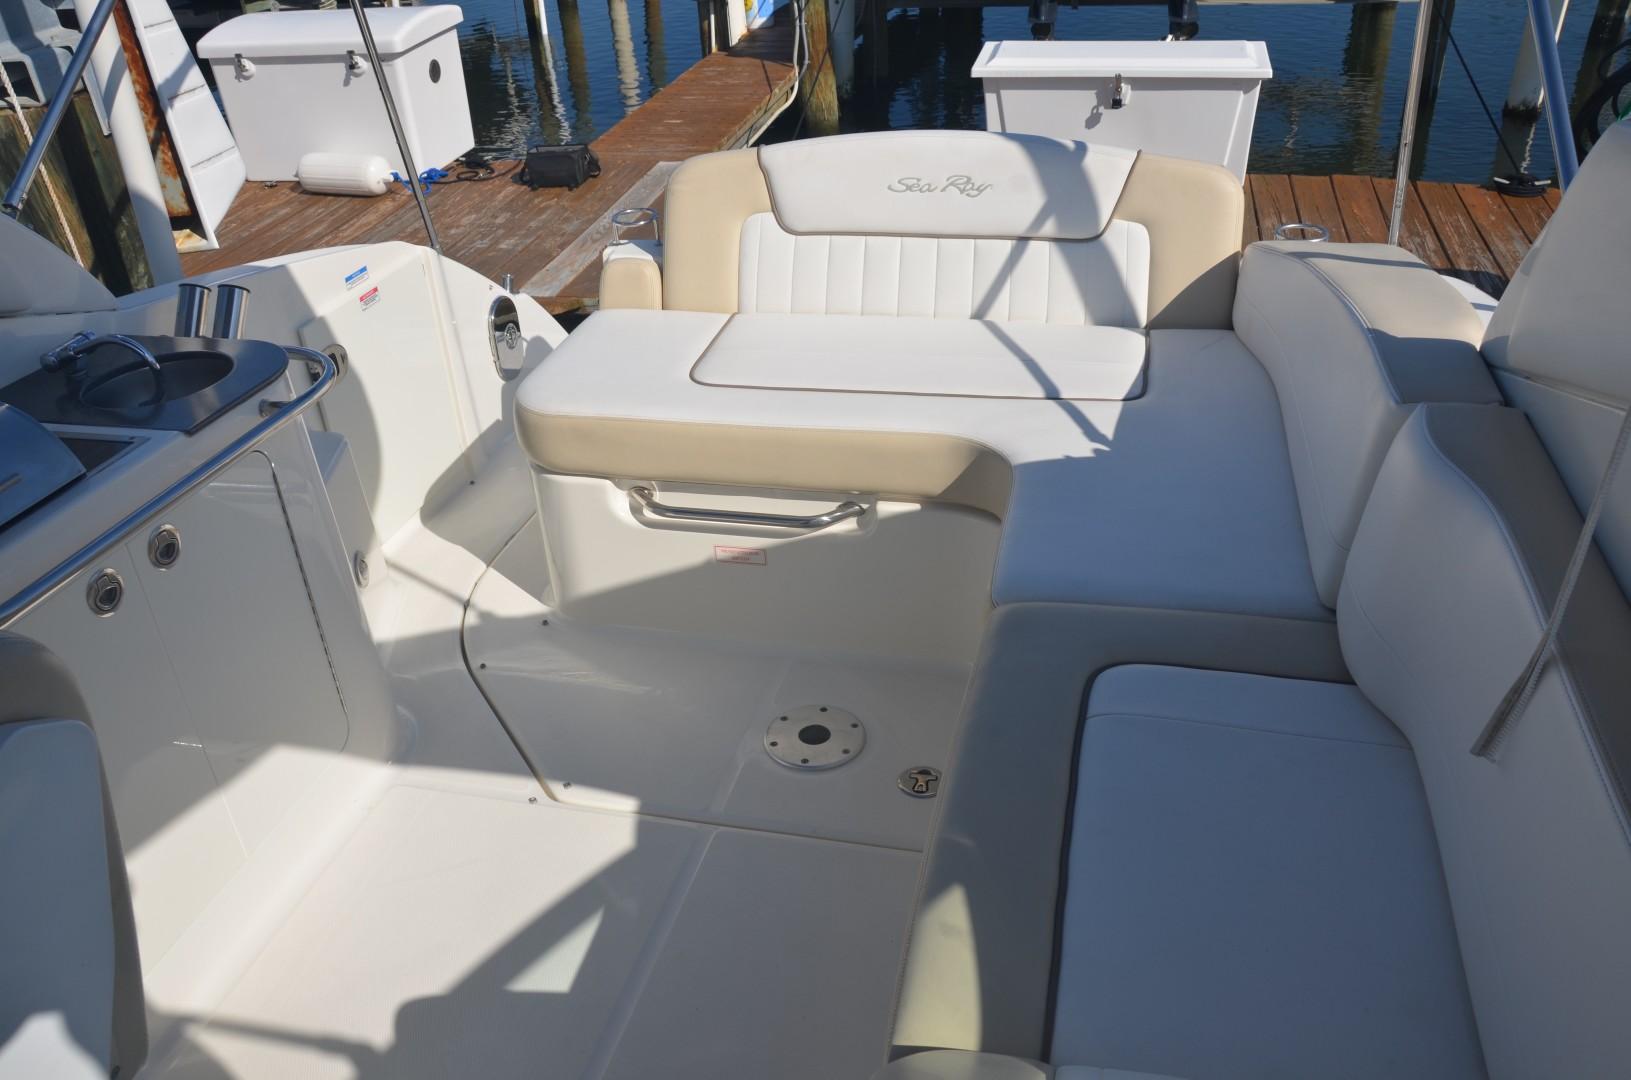 Sea Ray 28 - Ka'imi - Helm Deck